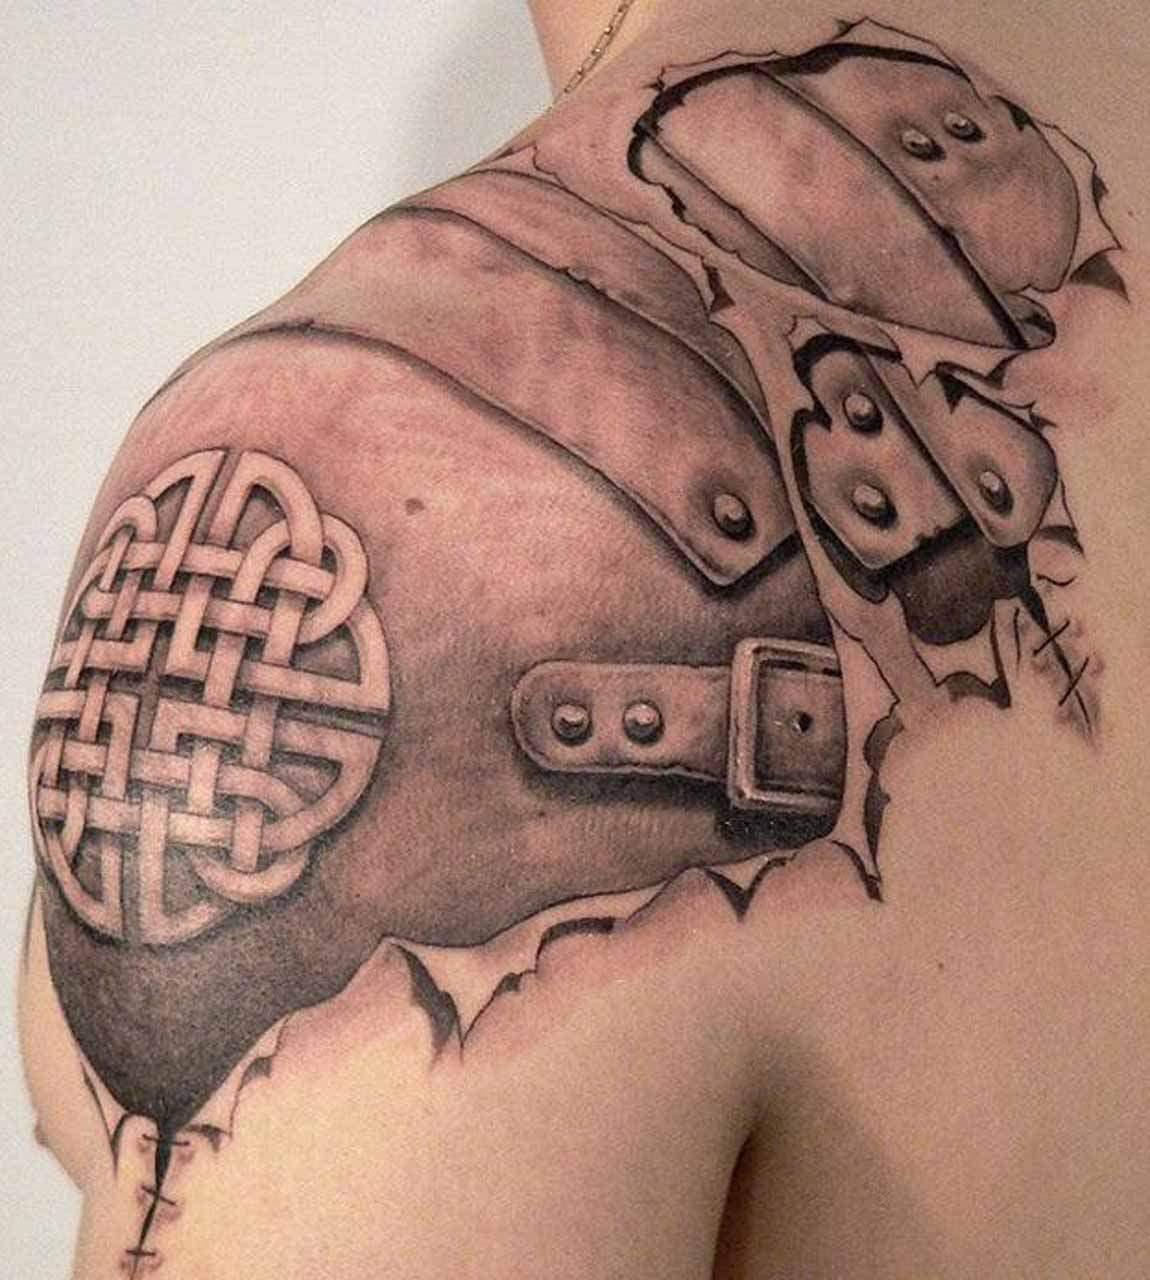 Tatouage dos homme mon tatouage fait tout mon dos - Photo tatouage homme ...